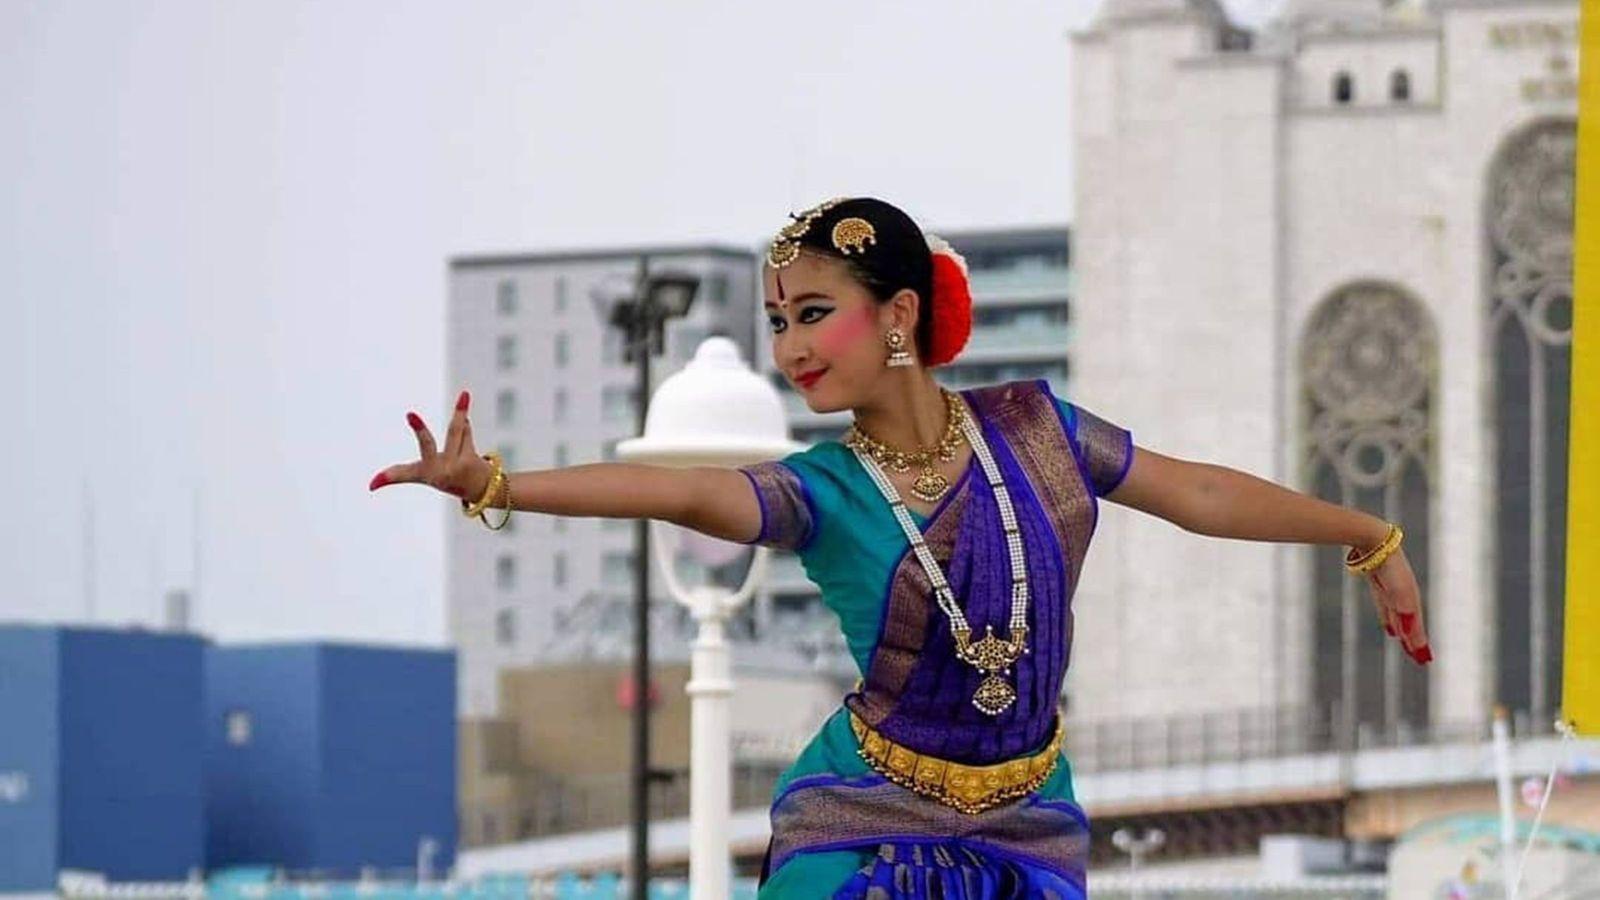 インド人もびっくり「11歳で古典舞踊のプロ」になった小6女子の奇跡 一人で1時間半の演目を踊りきる